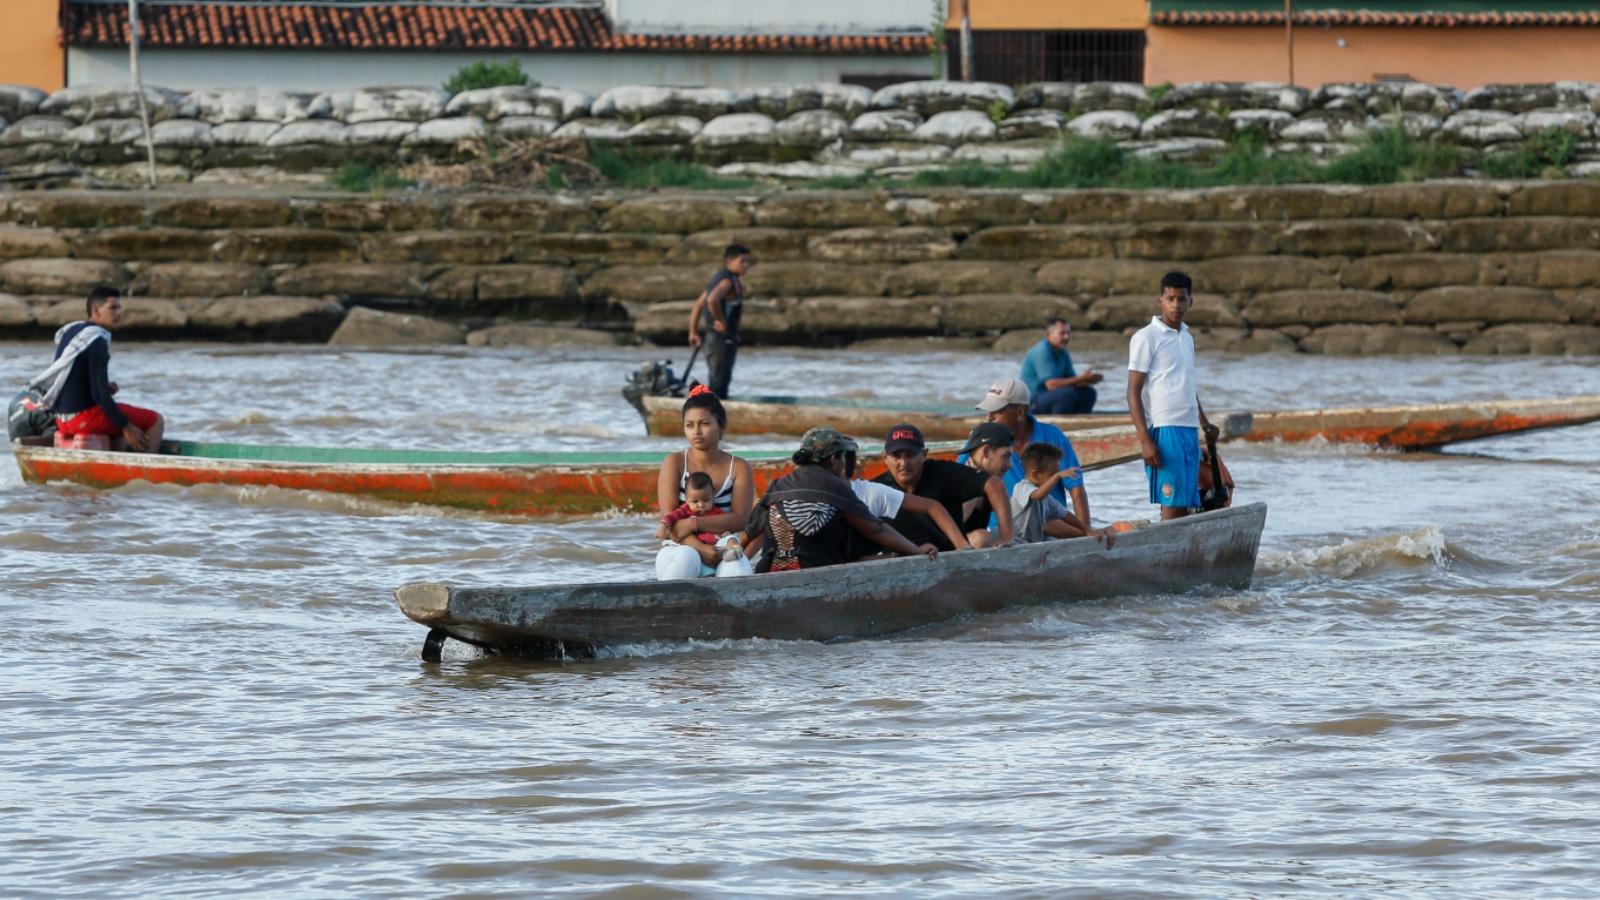 Arauca: el riesgo del reclutamiento para niños migrantes